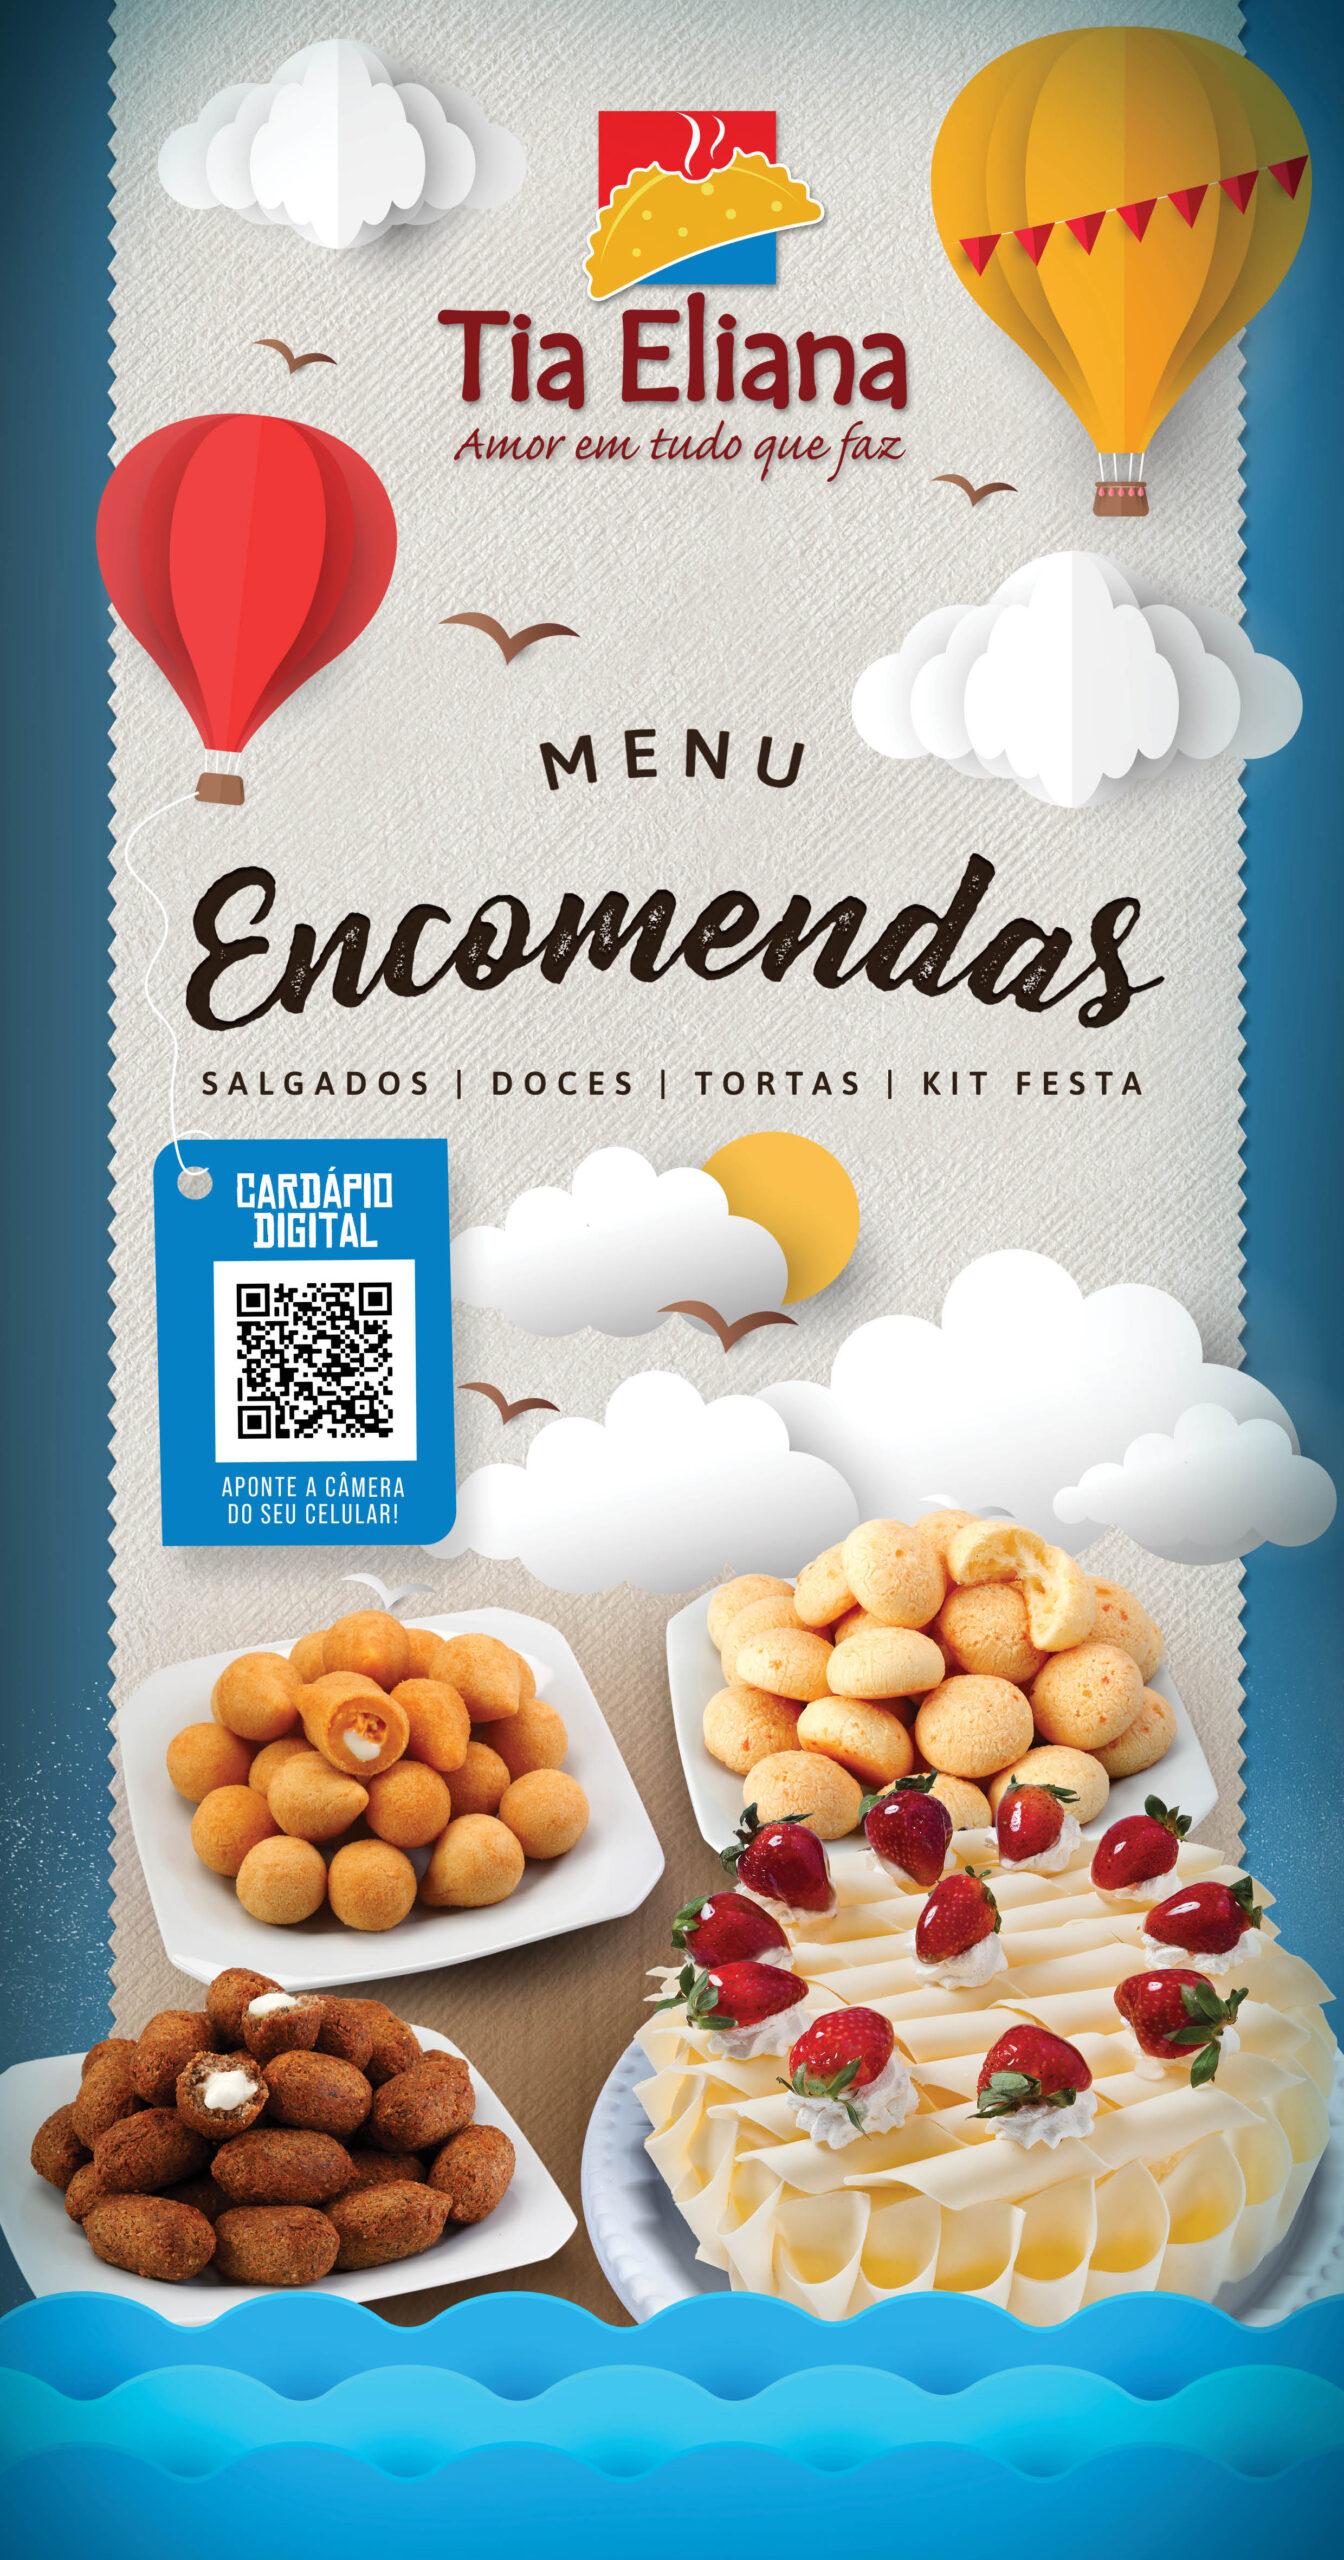 cardapio_encomendas_40x21cm_tia_eliana_interior_timoteo_V2-scaled Encomendas - Timóteo